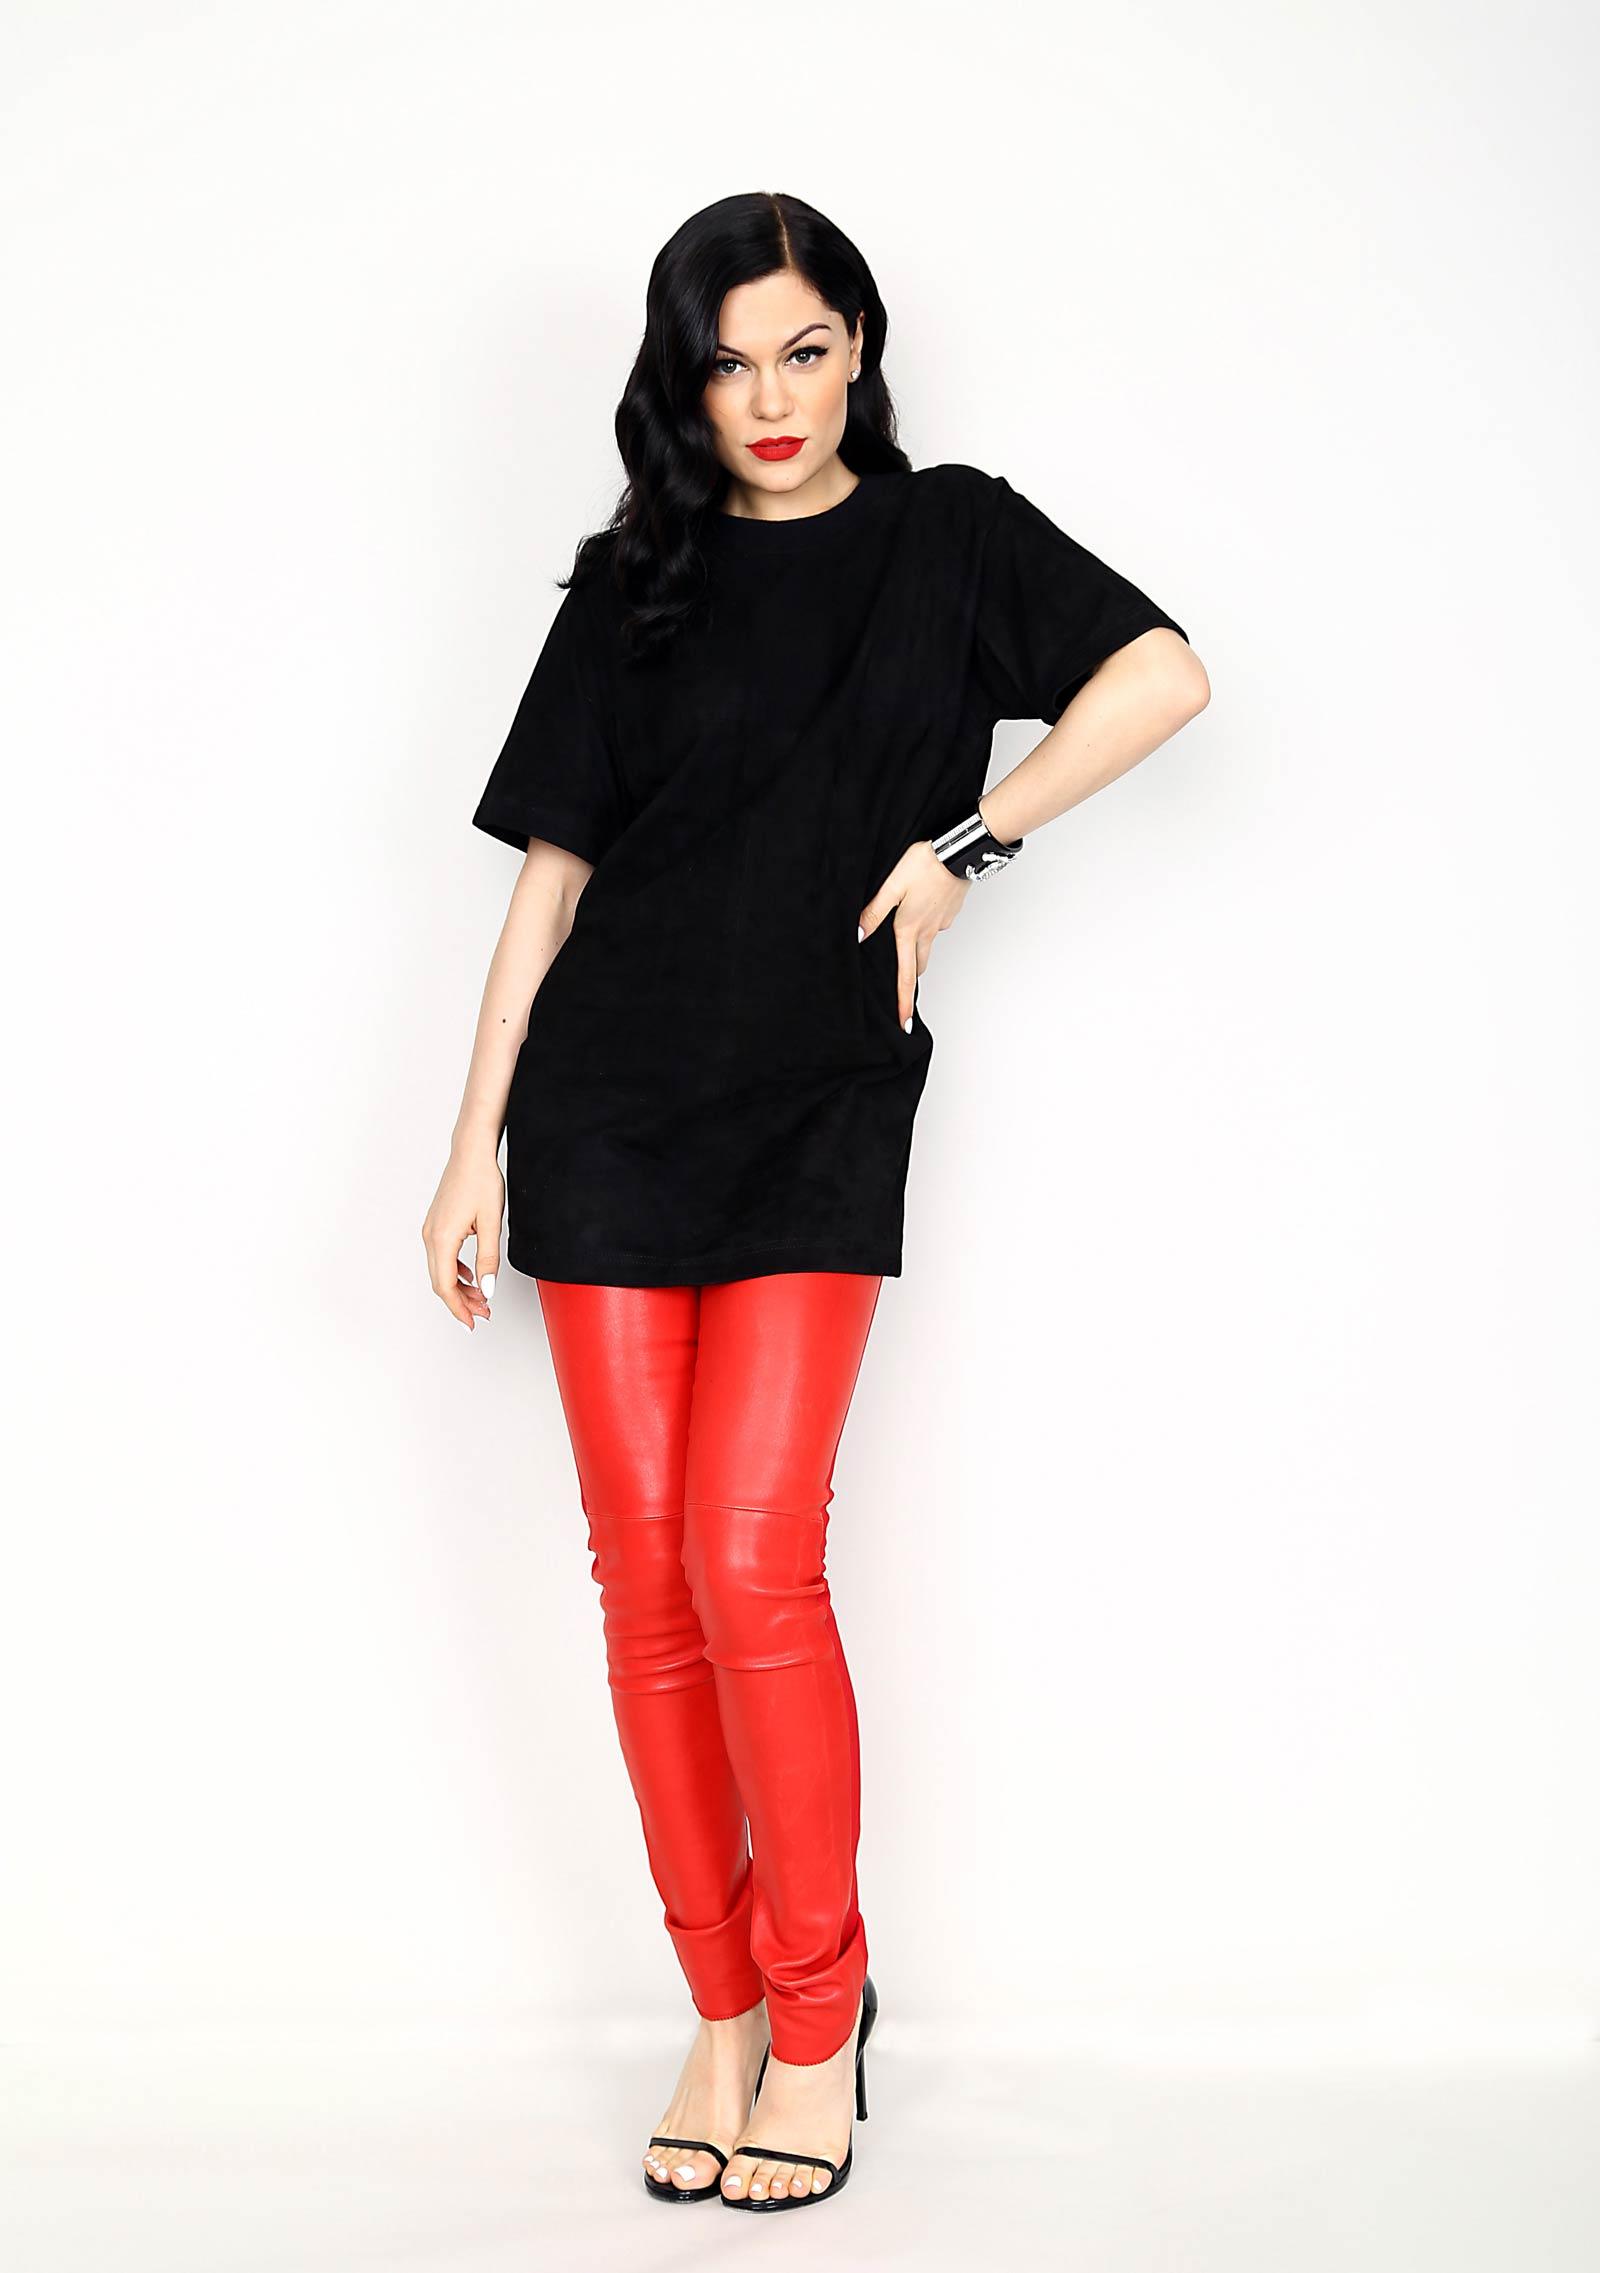 Jessie J portrait for 93.3 FLZ's Jingle Ball